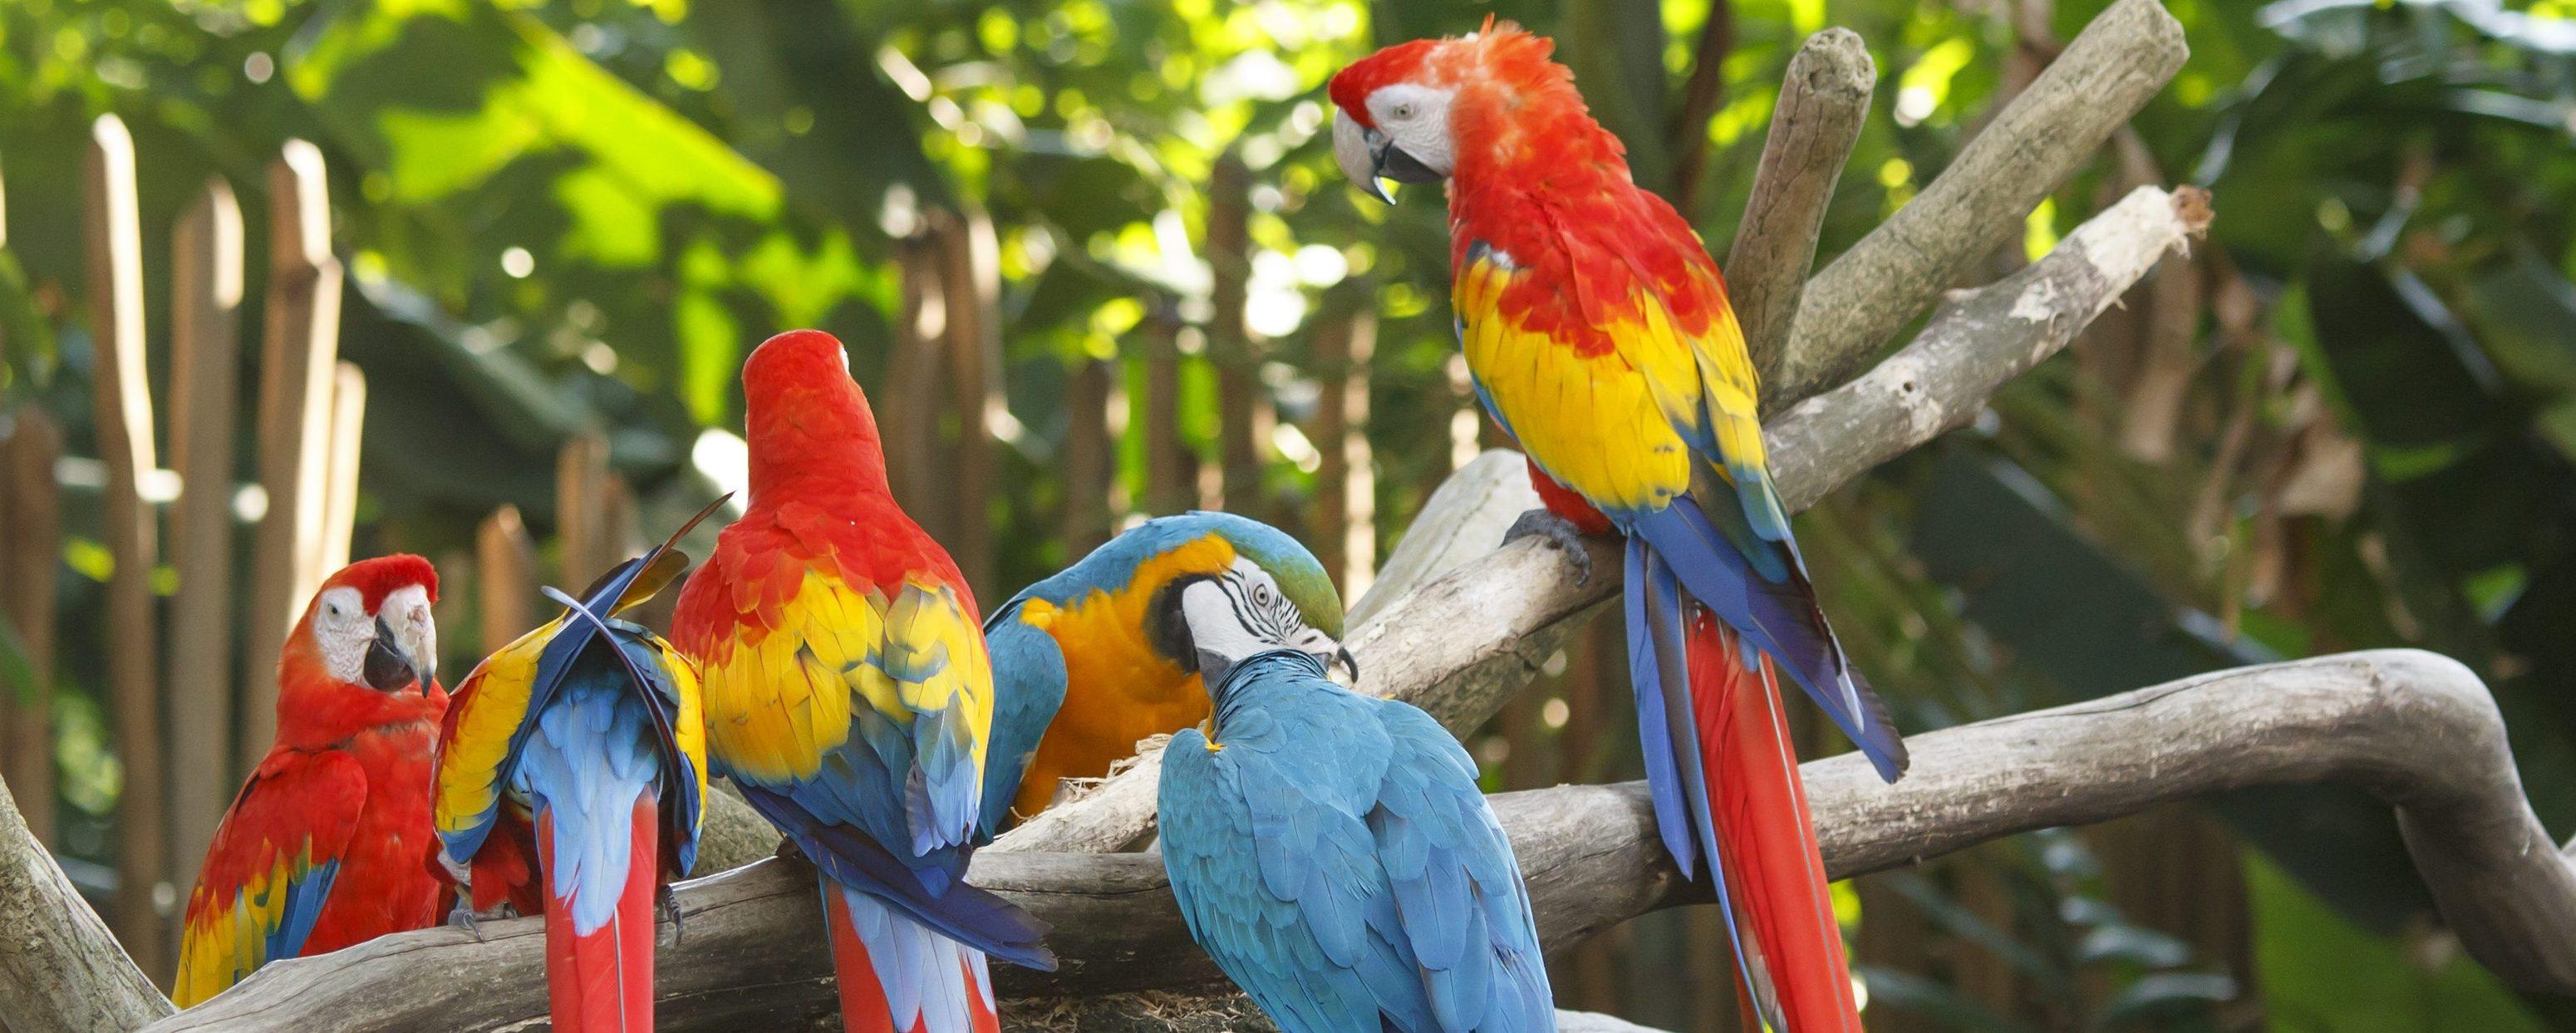 Parc aux oiseaux Iguaçu